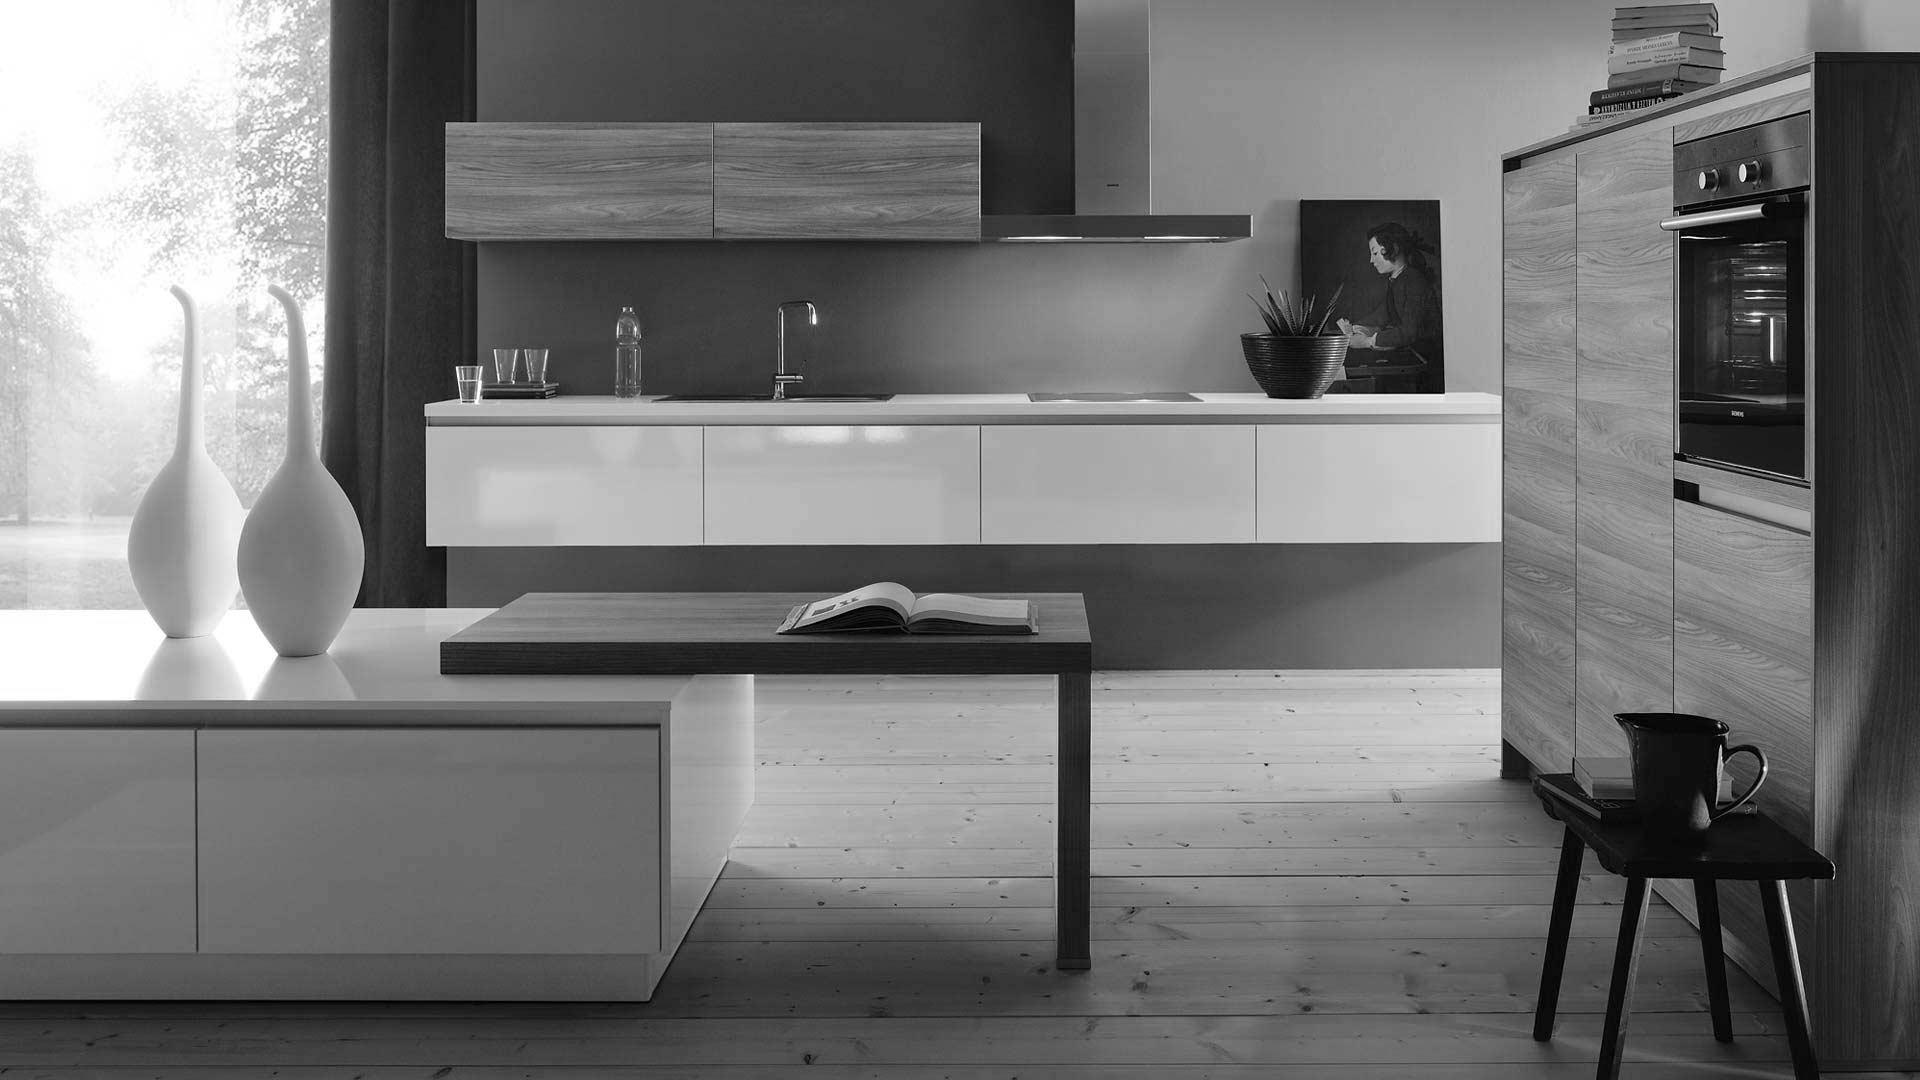 kchen backnang gallery of gemeinsam kochen geniessen with kchen backnang best contur contur. Black Bedroom Furniture Sets. Home Design Ideas